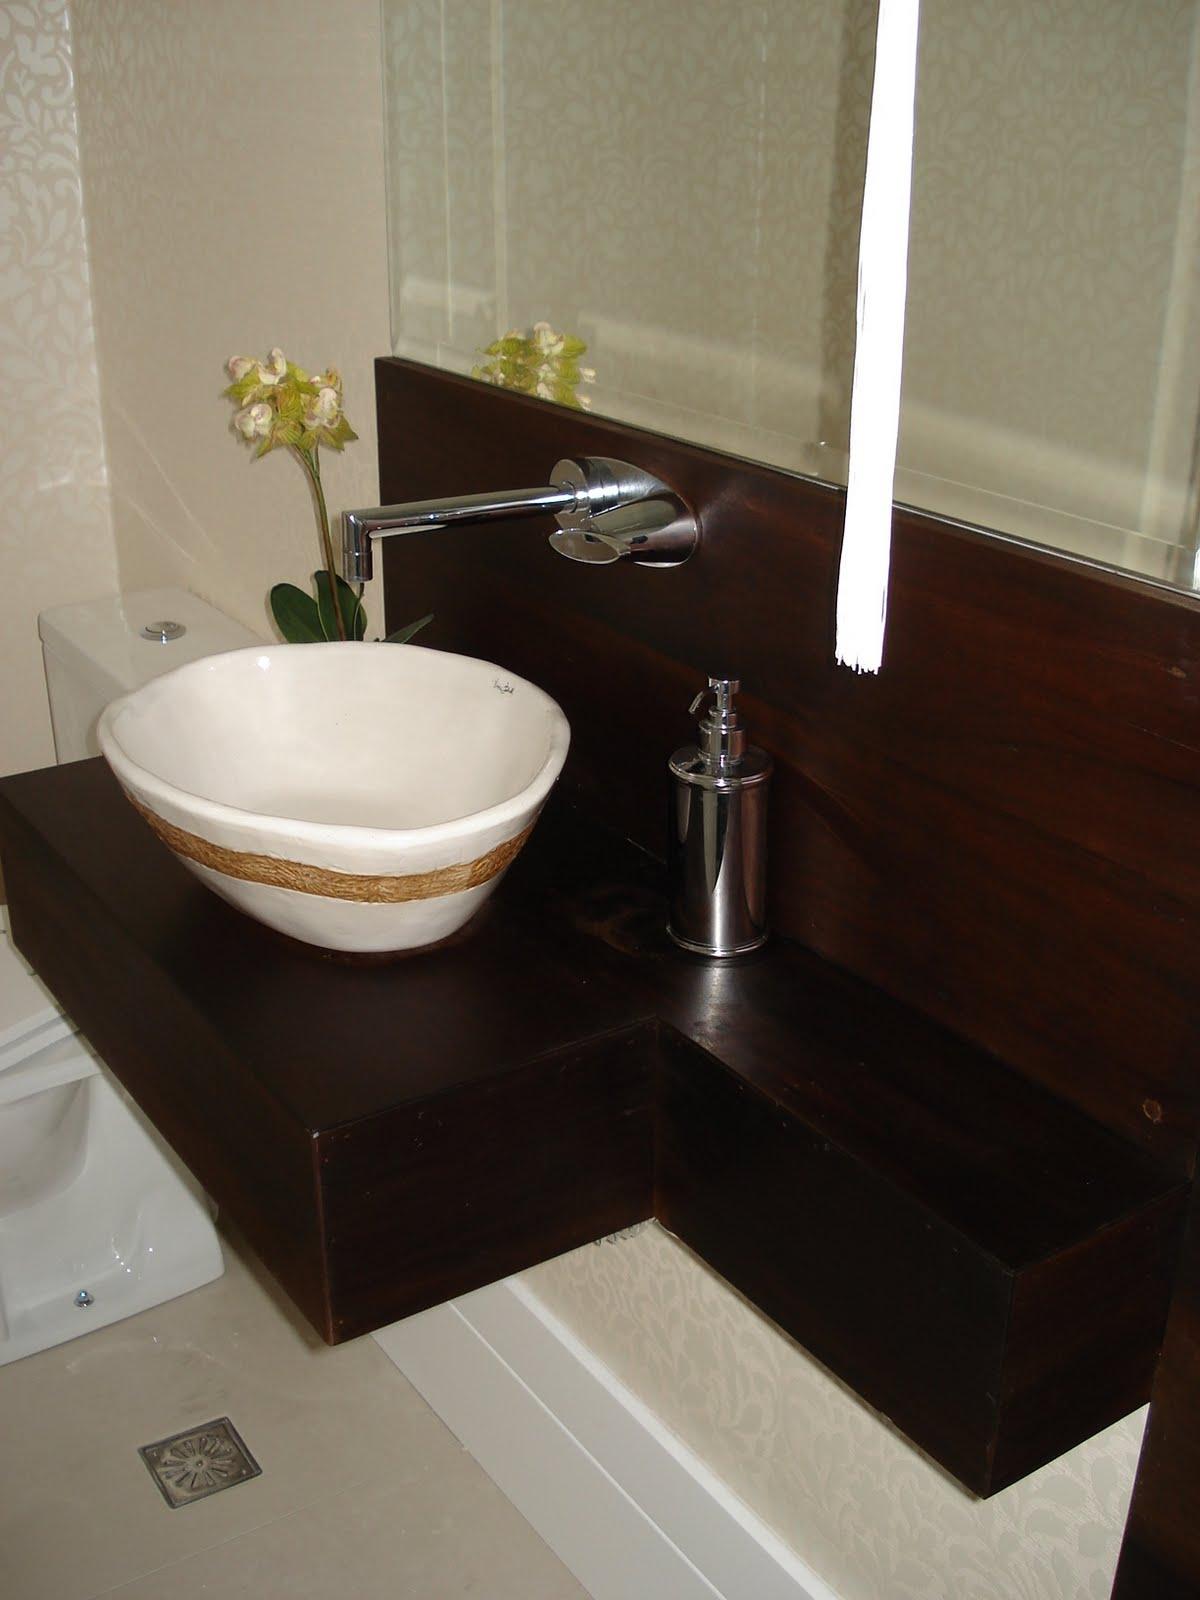 acabamento Bancada e rodapia acompanhando com cuba artesanal e #1E130D 1200x1600 Acabamento Bancada Banheiro